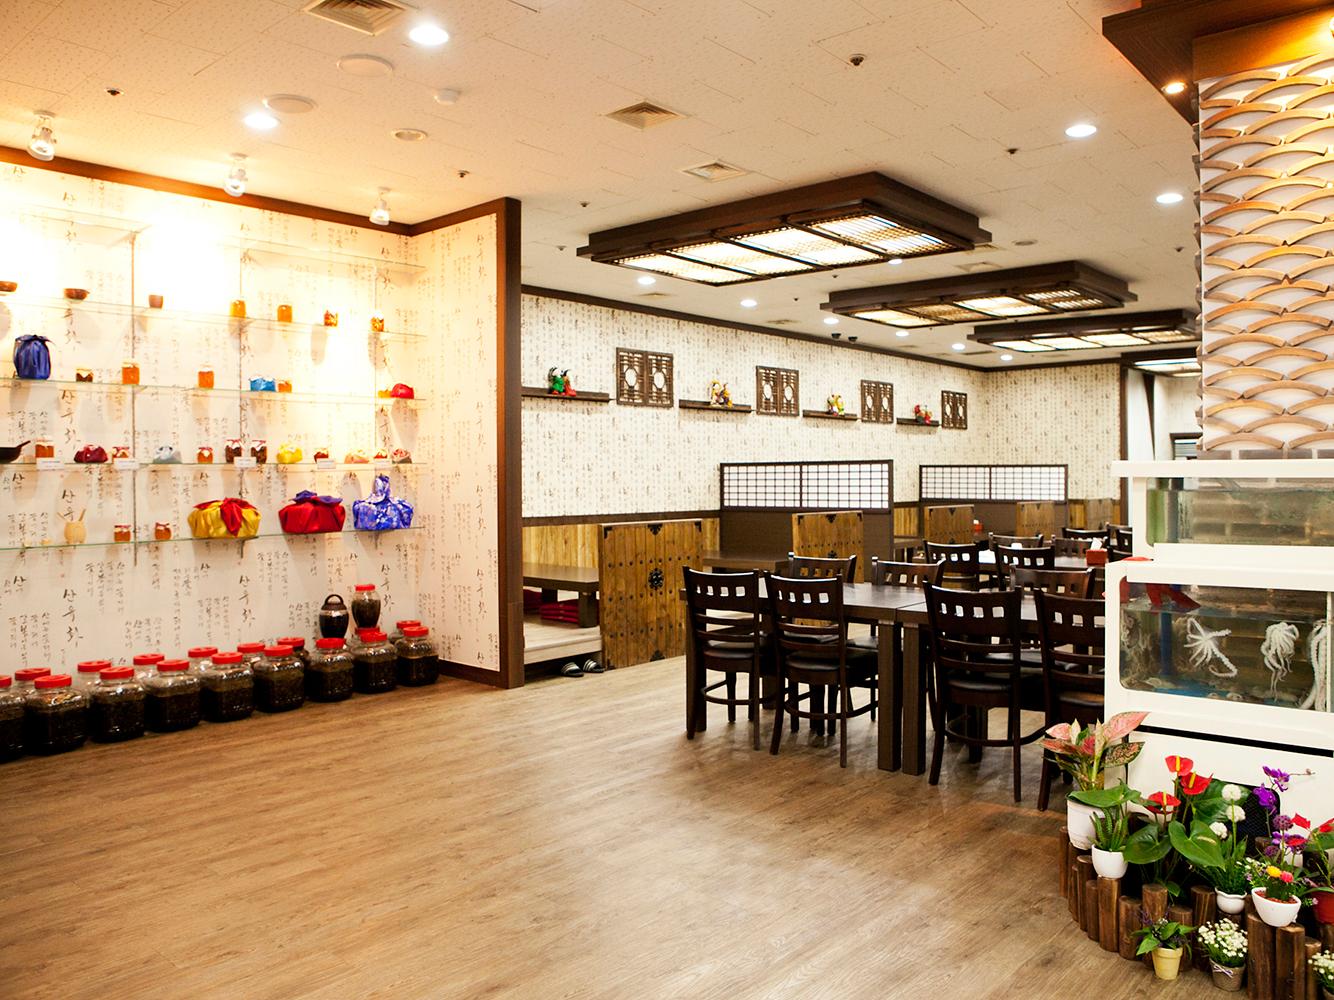 明洞咸草酱蟹韩食店4